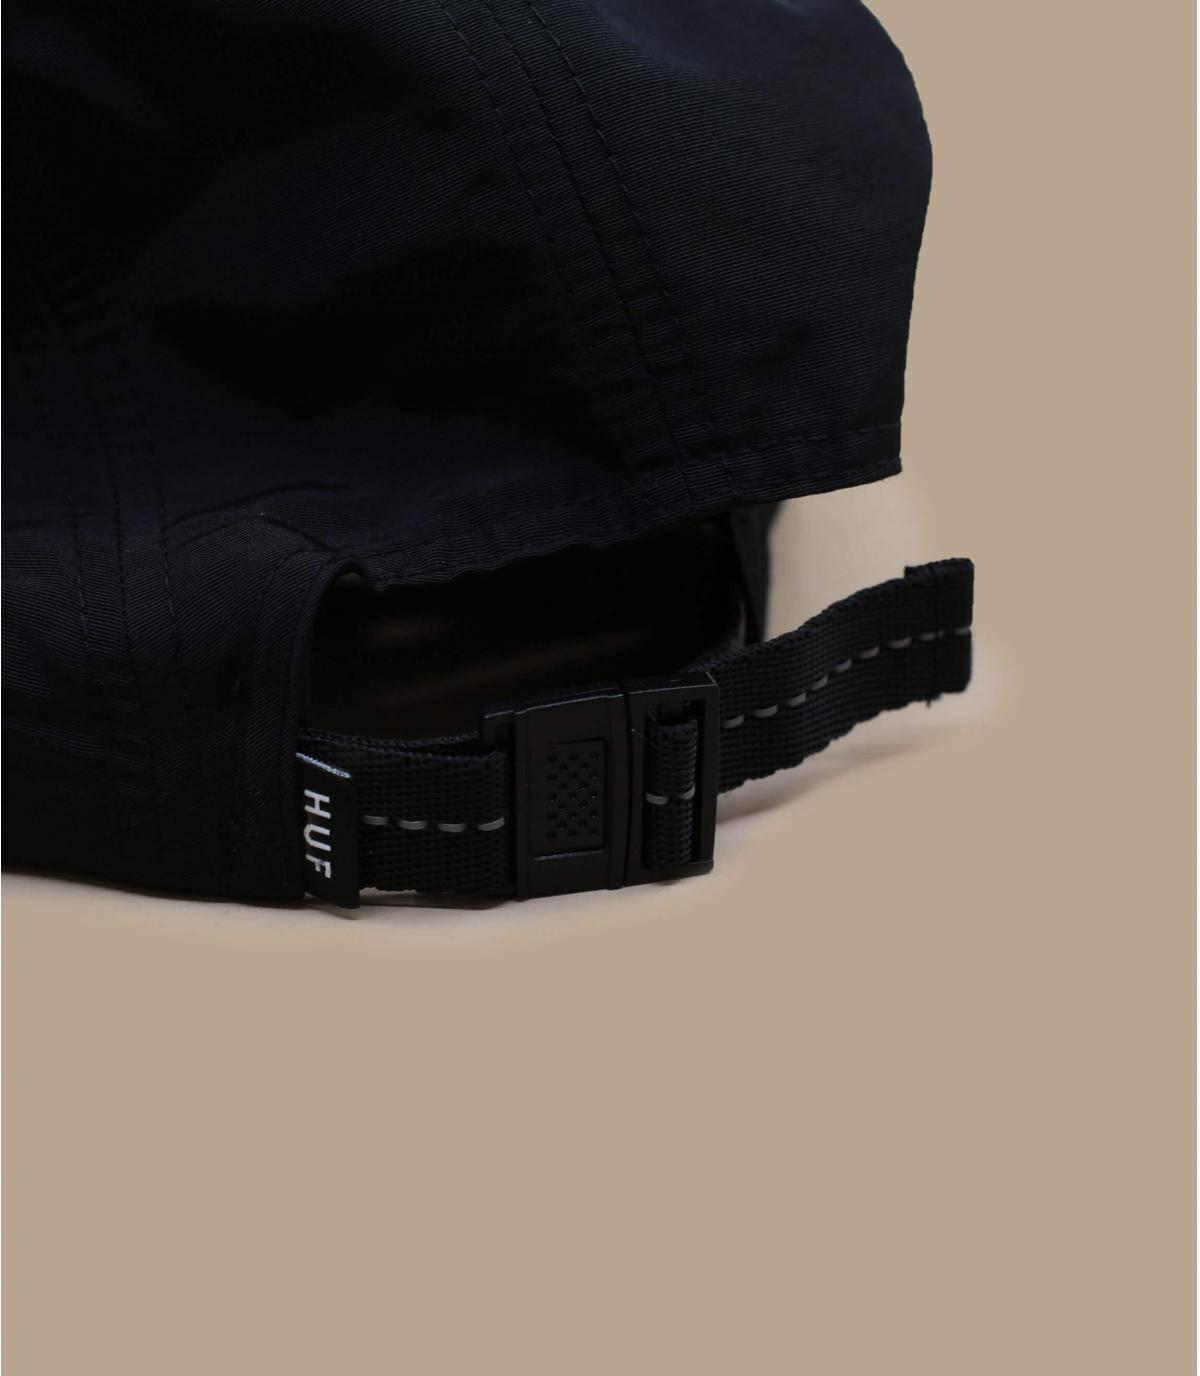 Details TT Flash Volley black - Abbildung 4